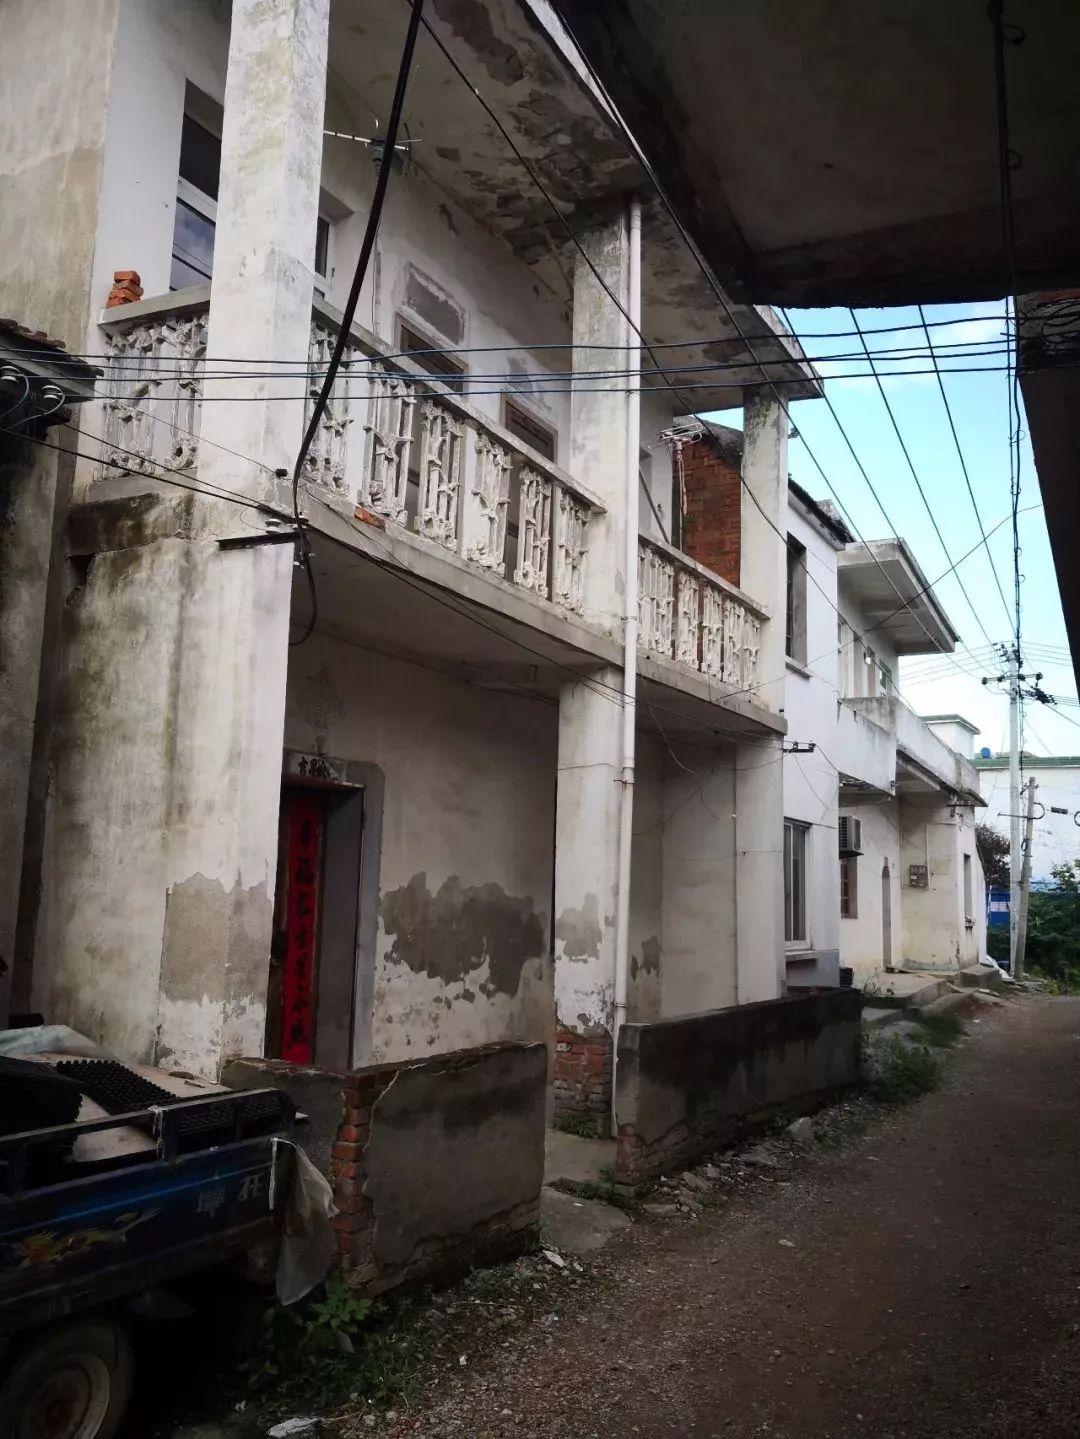 周下村杨树松家的二层楼房大门紧锁,人去楼空。